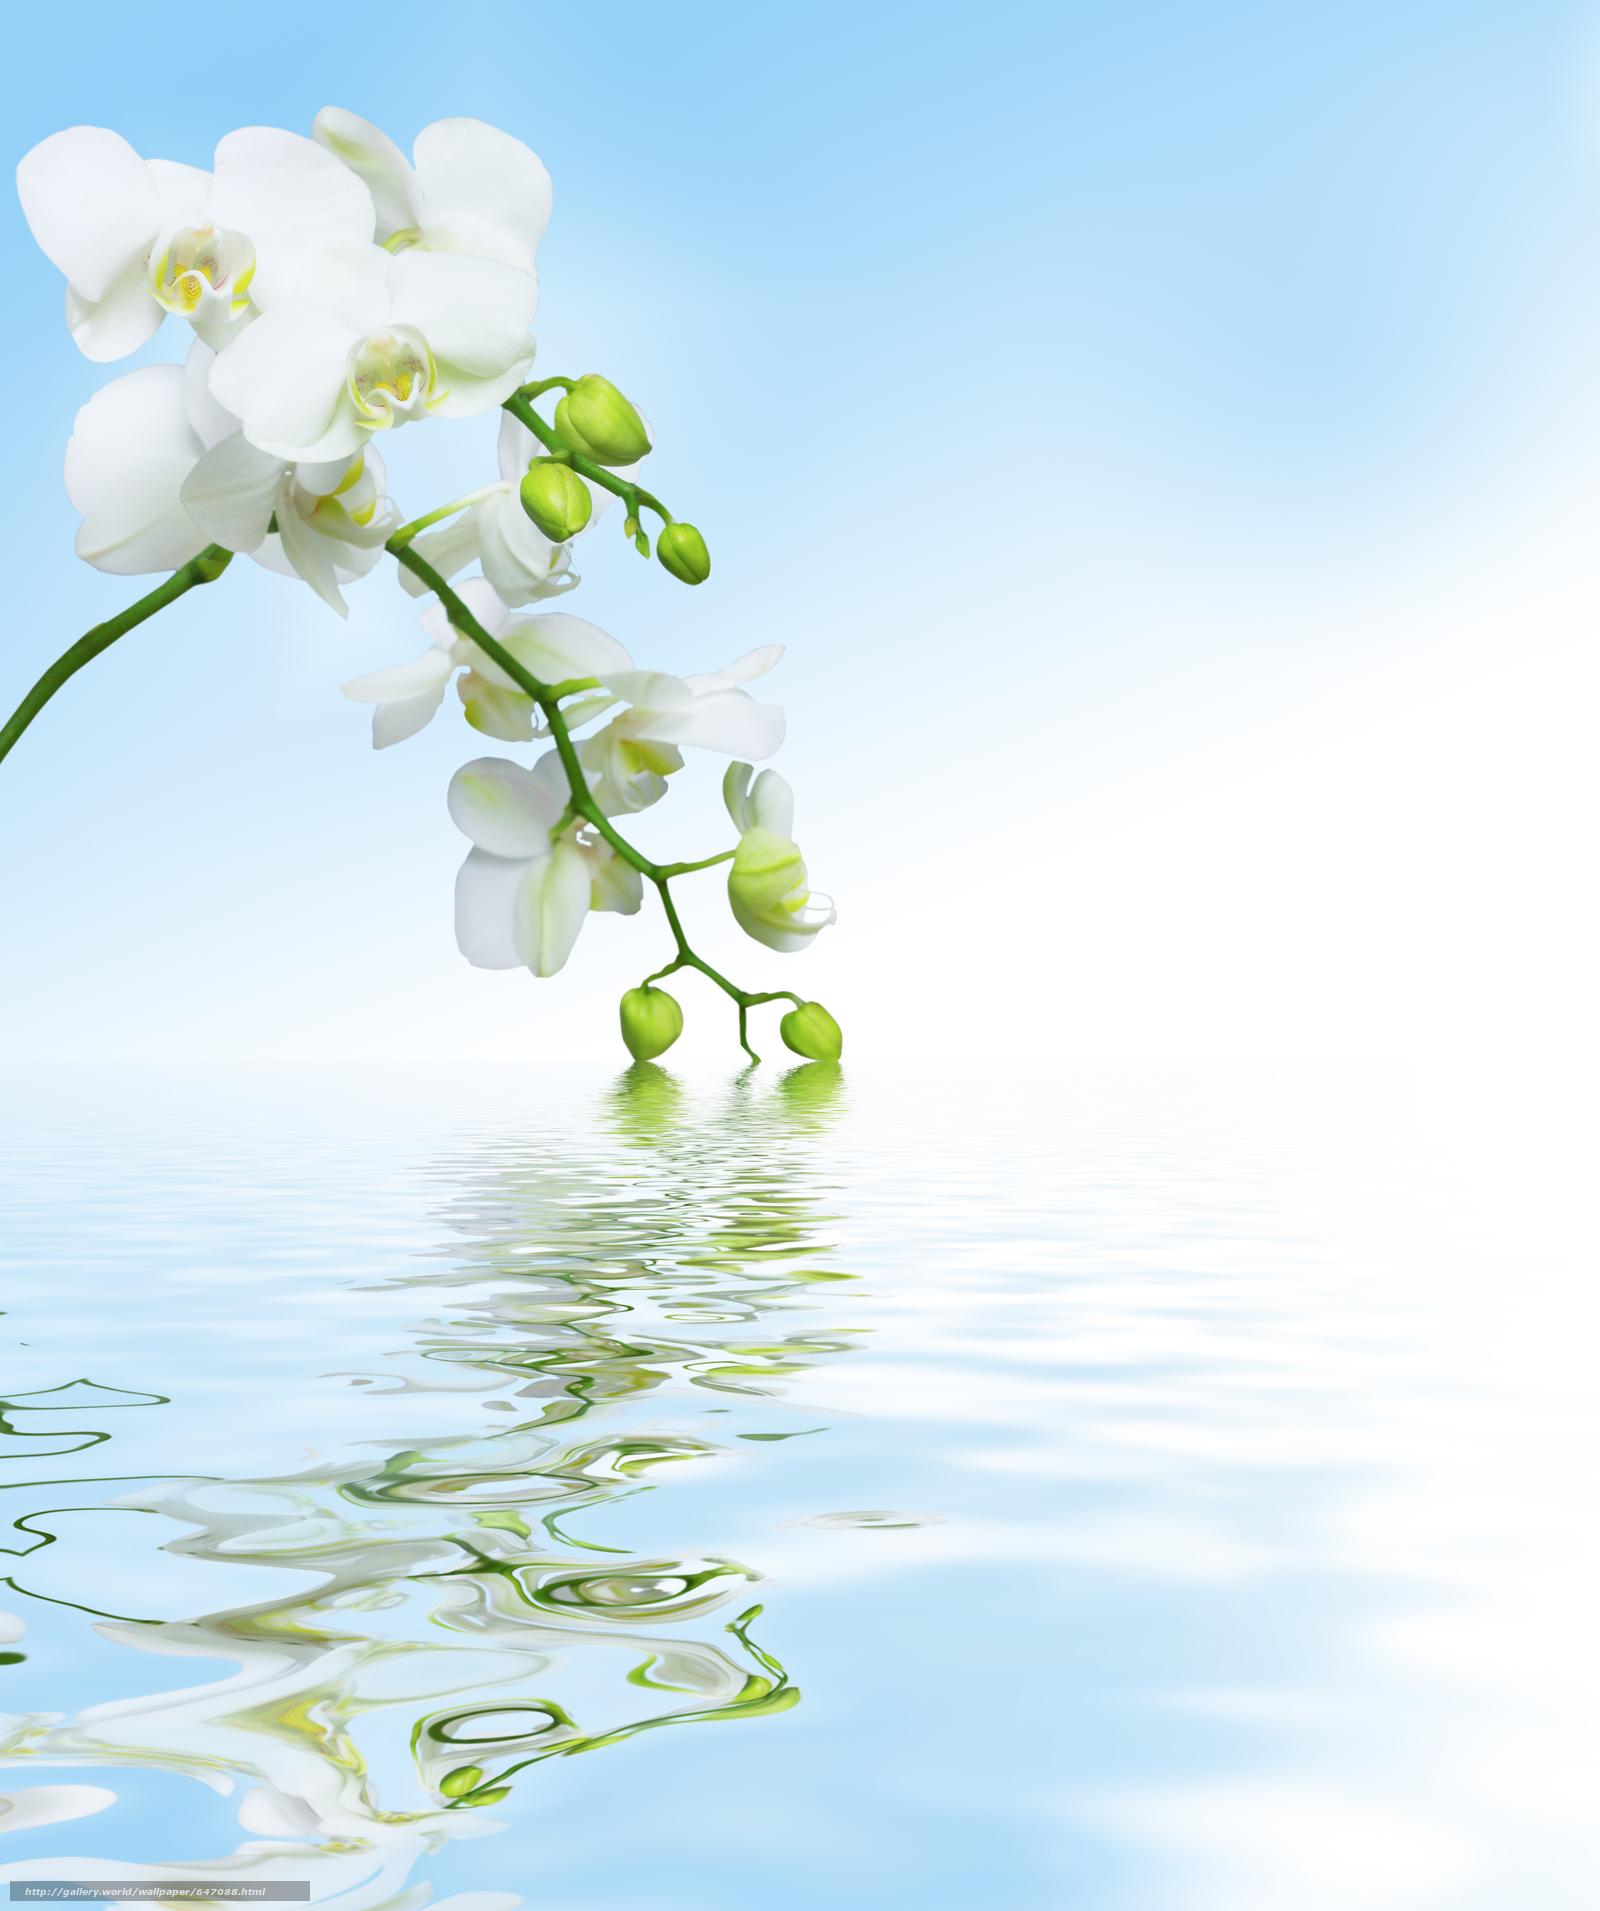 Скачать обои орхидея,  цветок,  флора бесплатно для рабочего стола в разрешении 3798x4536 — картинка №647088